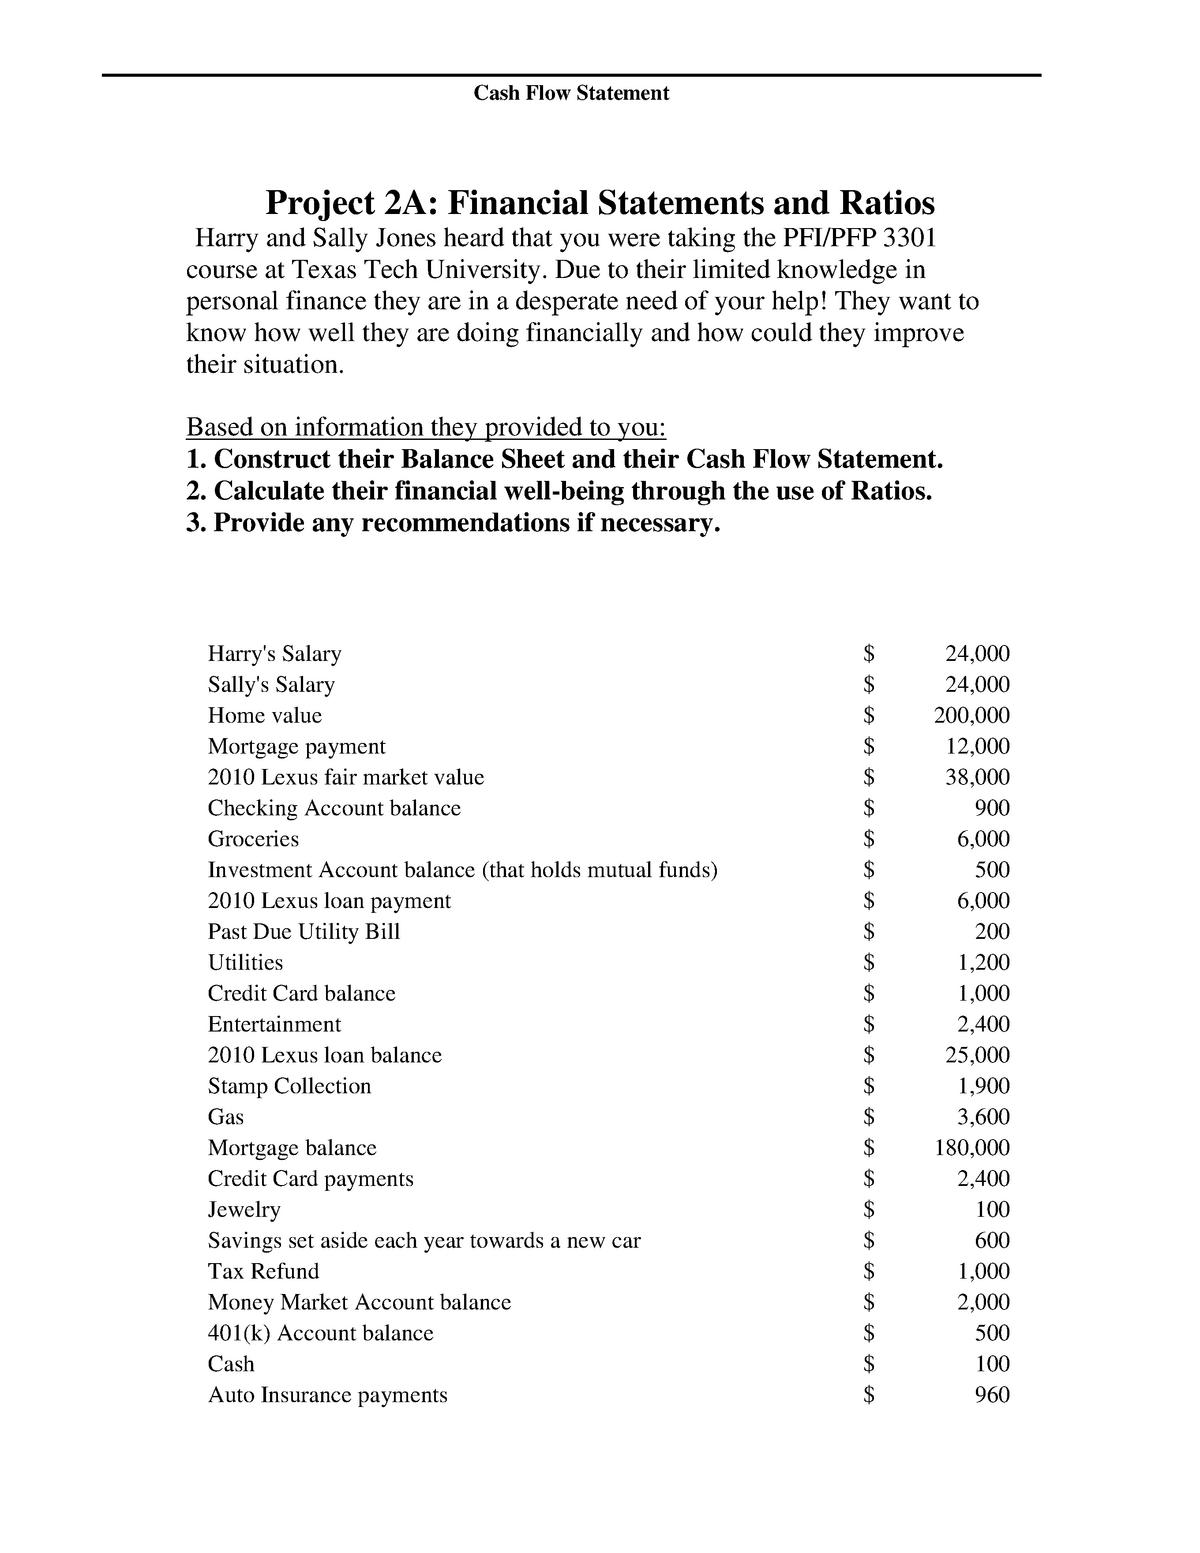 Seminar assignments - projects 2-6 - PFP 3301 - TTU - StuDocu